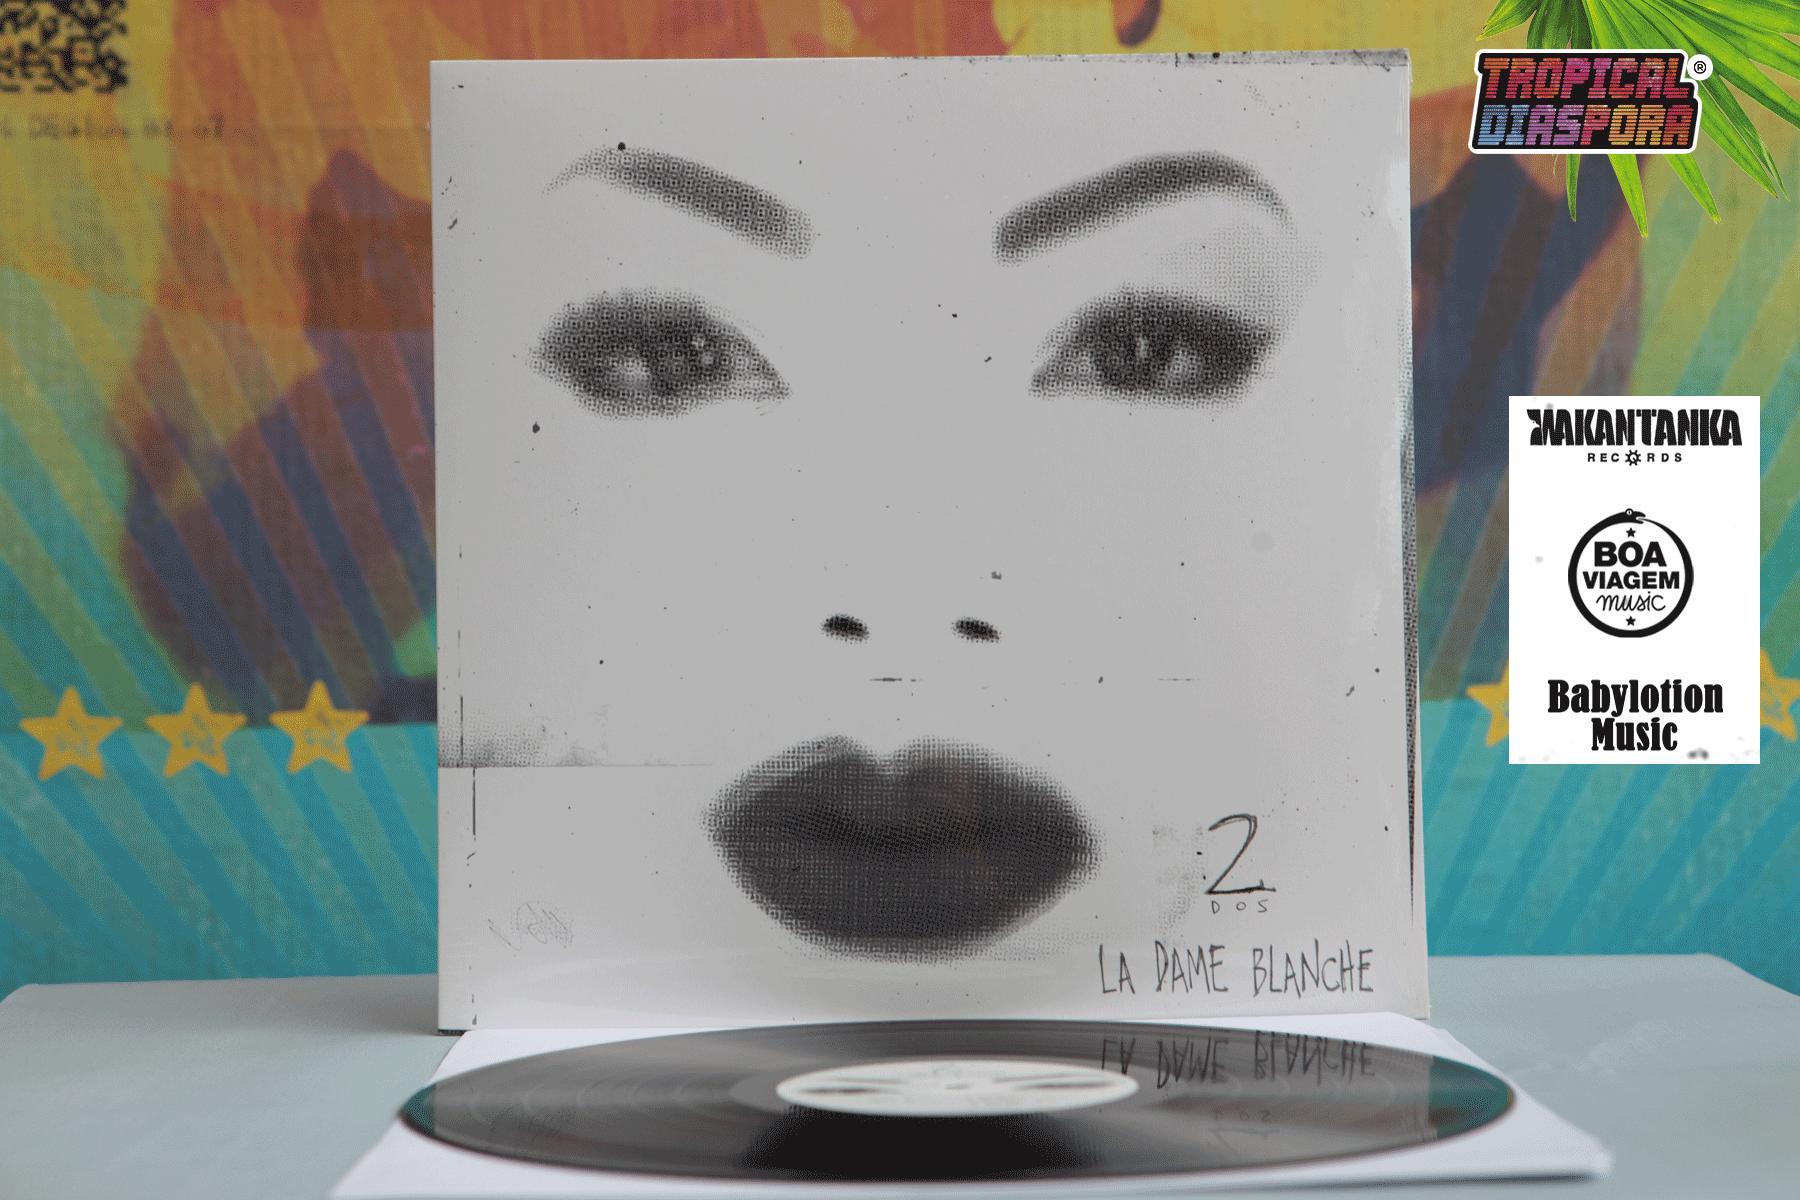 2 La Dame Blanche LP vinyl out now!